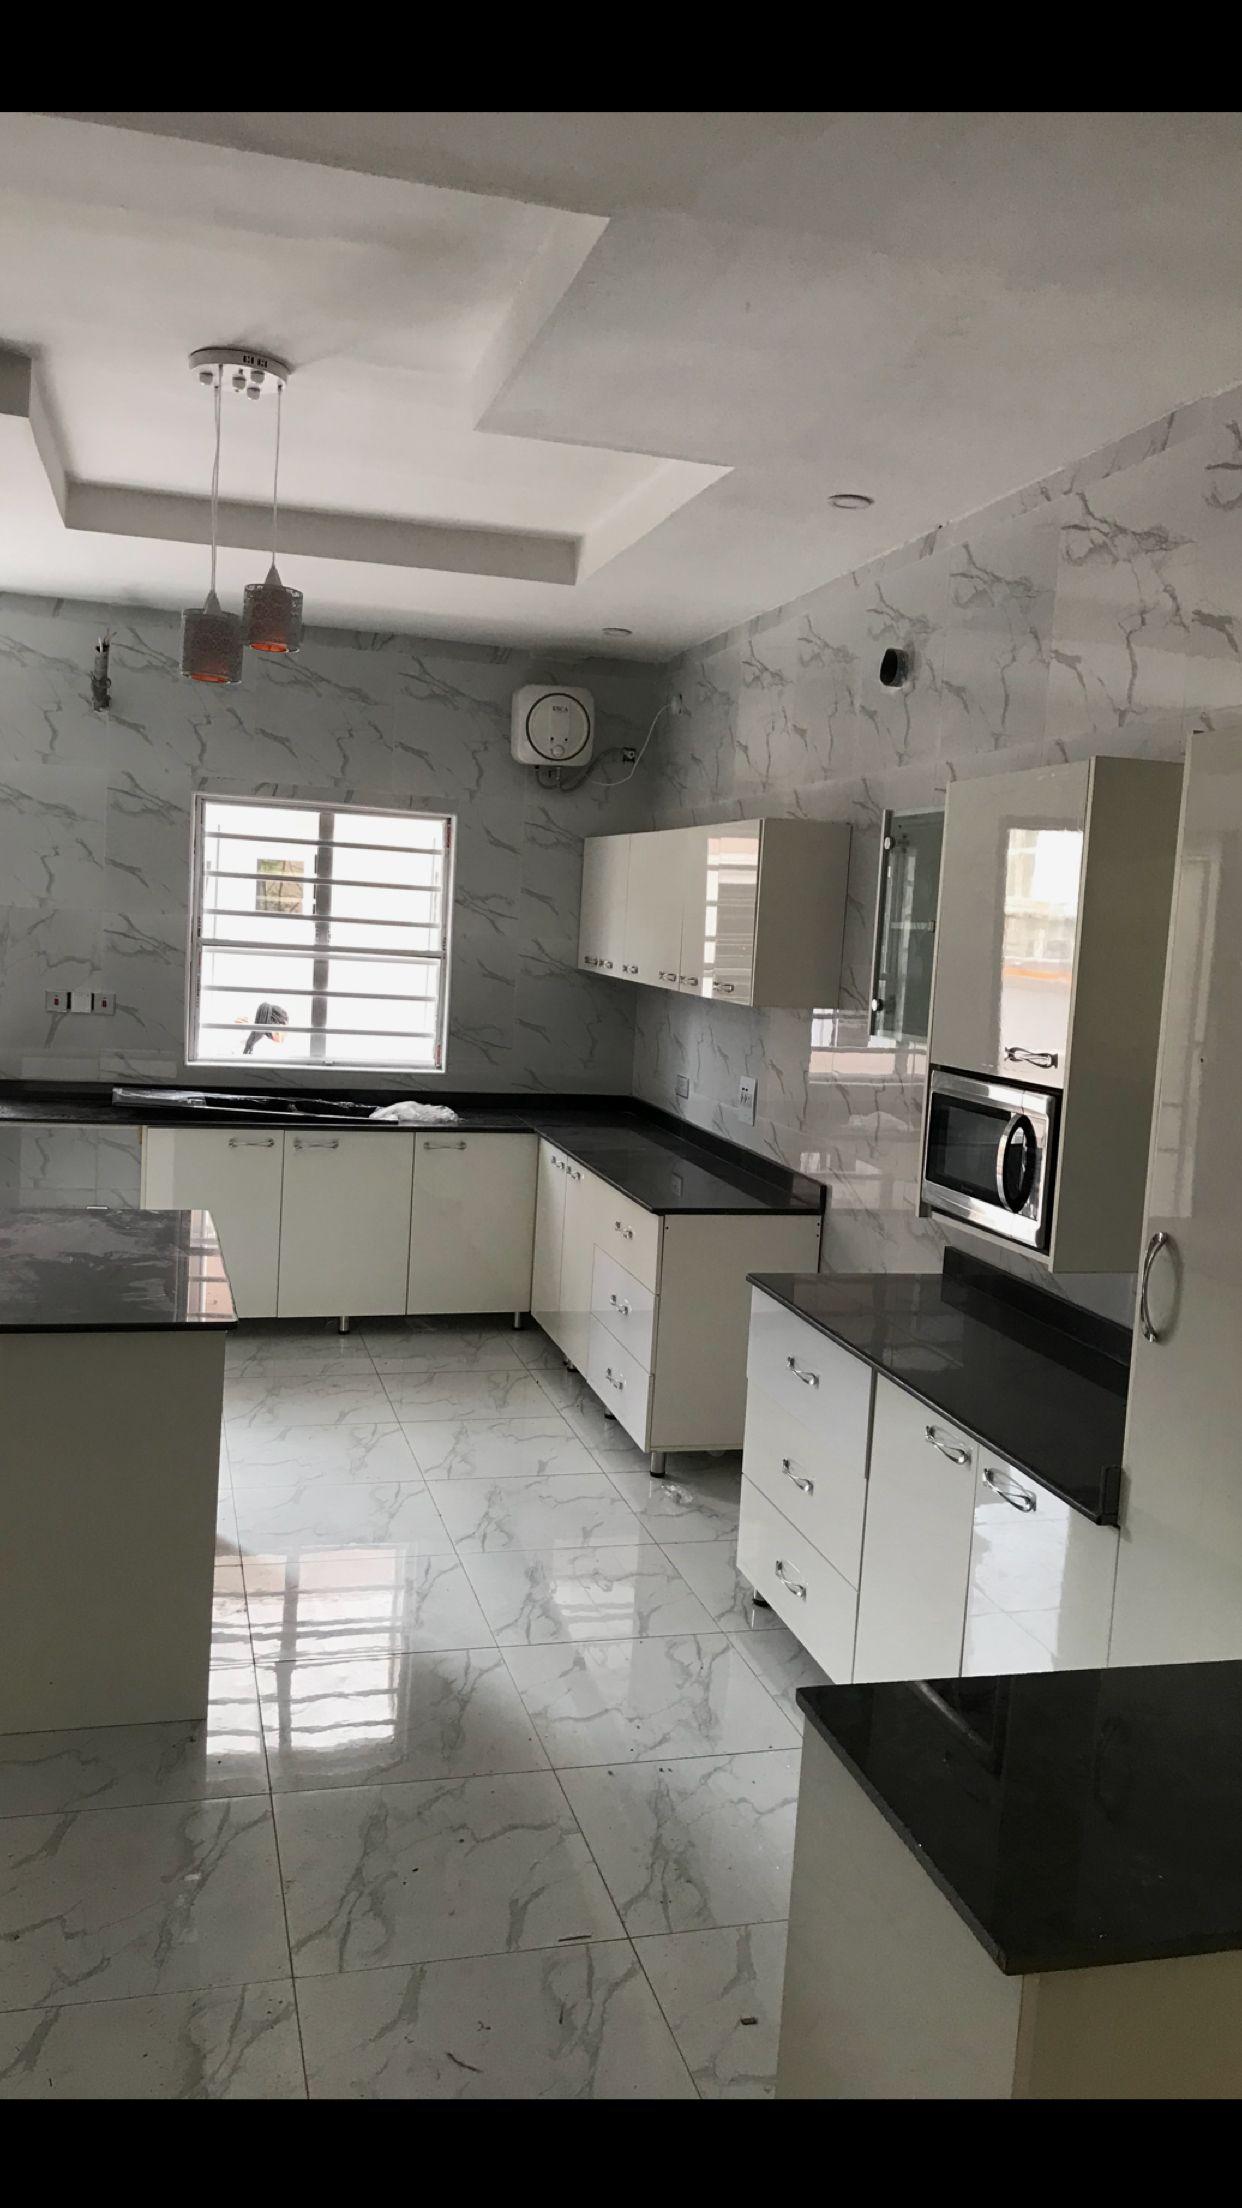 Pin By Adewole Omolegho On My Corner Kitchen Cabinet Design Simple Kitchen Design Interior Design Kitchen